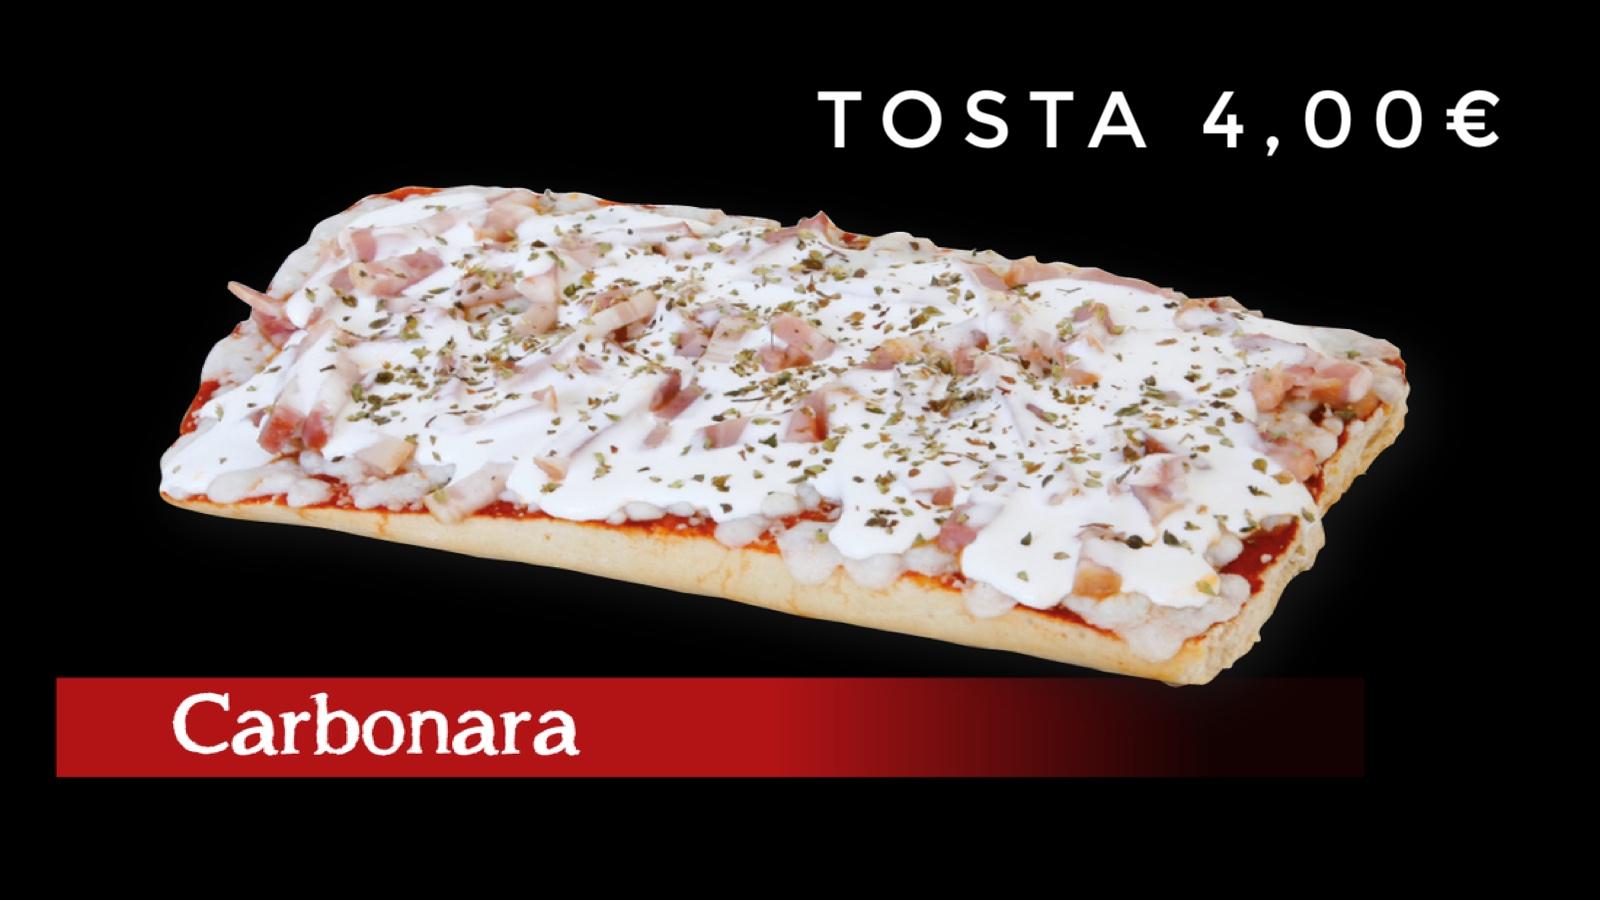 Tosta Carbonara Hotel Don Juan.jpg